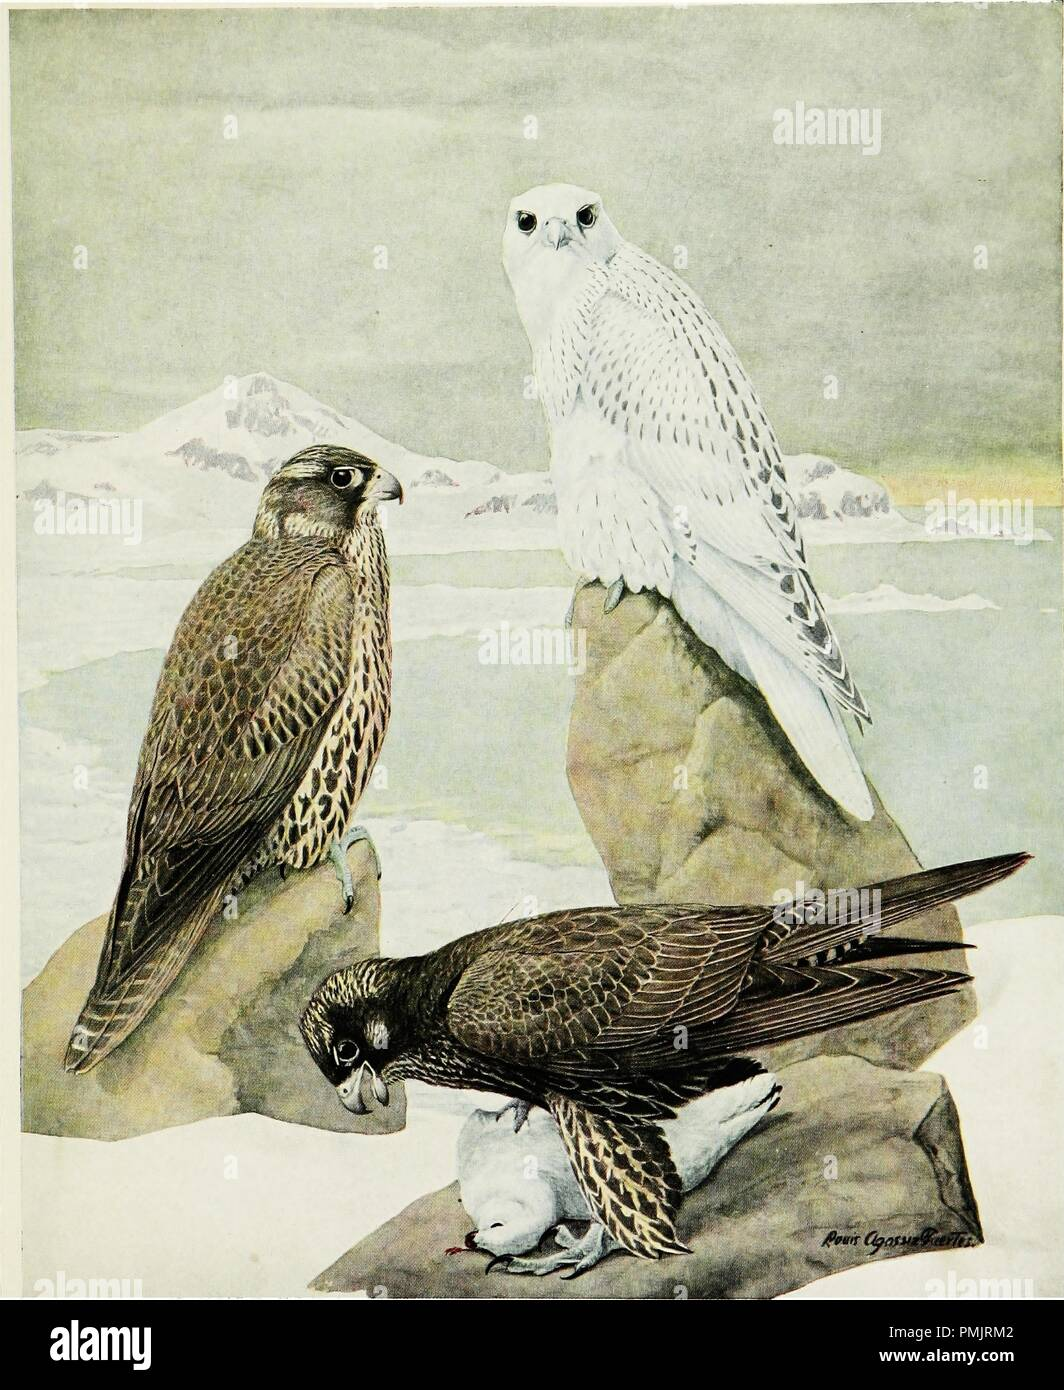 """Disegno di tre varianti di Gyrfalcons, dal libro """"Uccelli di New York"""", 1508. La cortesia Internet Archive. () Immagini Stock"""